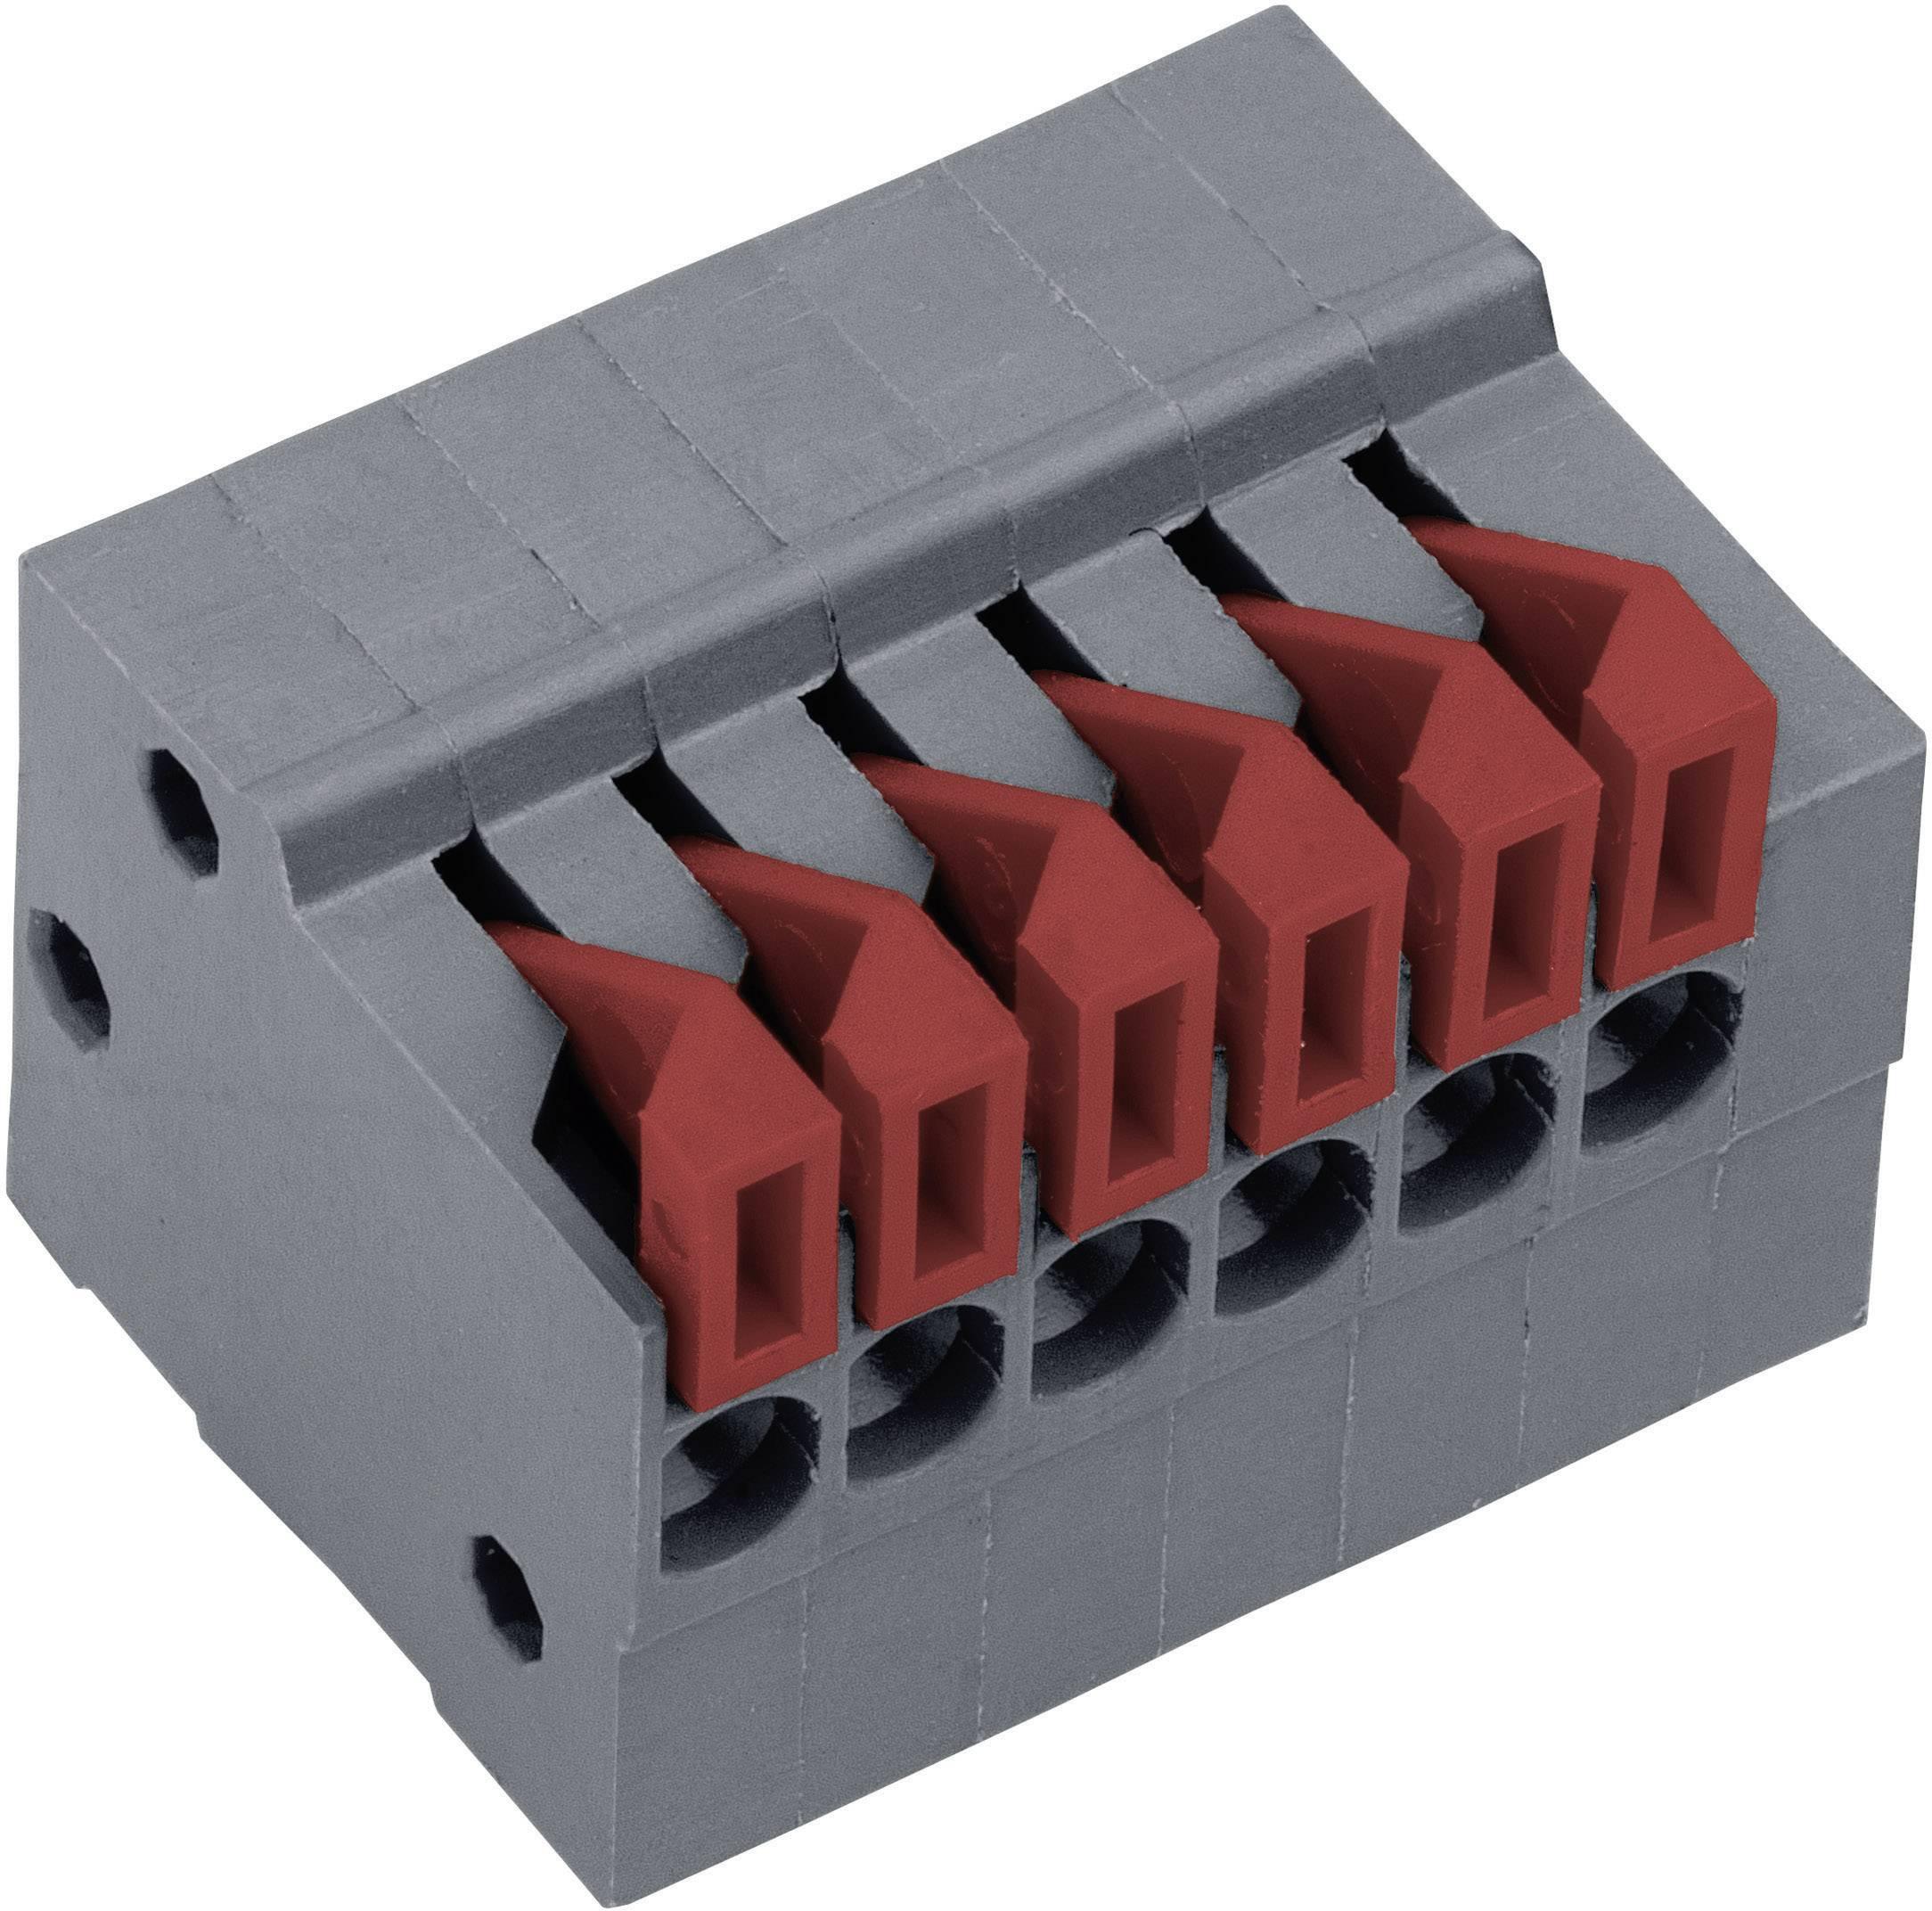 Pružinová svorka PTR AKZ4791/2KD-2.54-H 54791020422F, 0.75 mm², počet pinov 2, čadičovo sivá, 1 ks